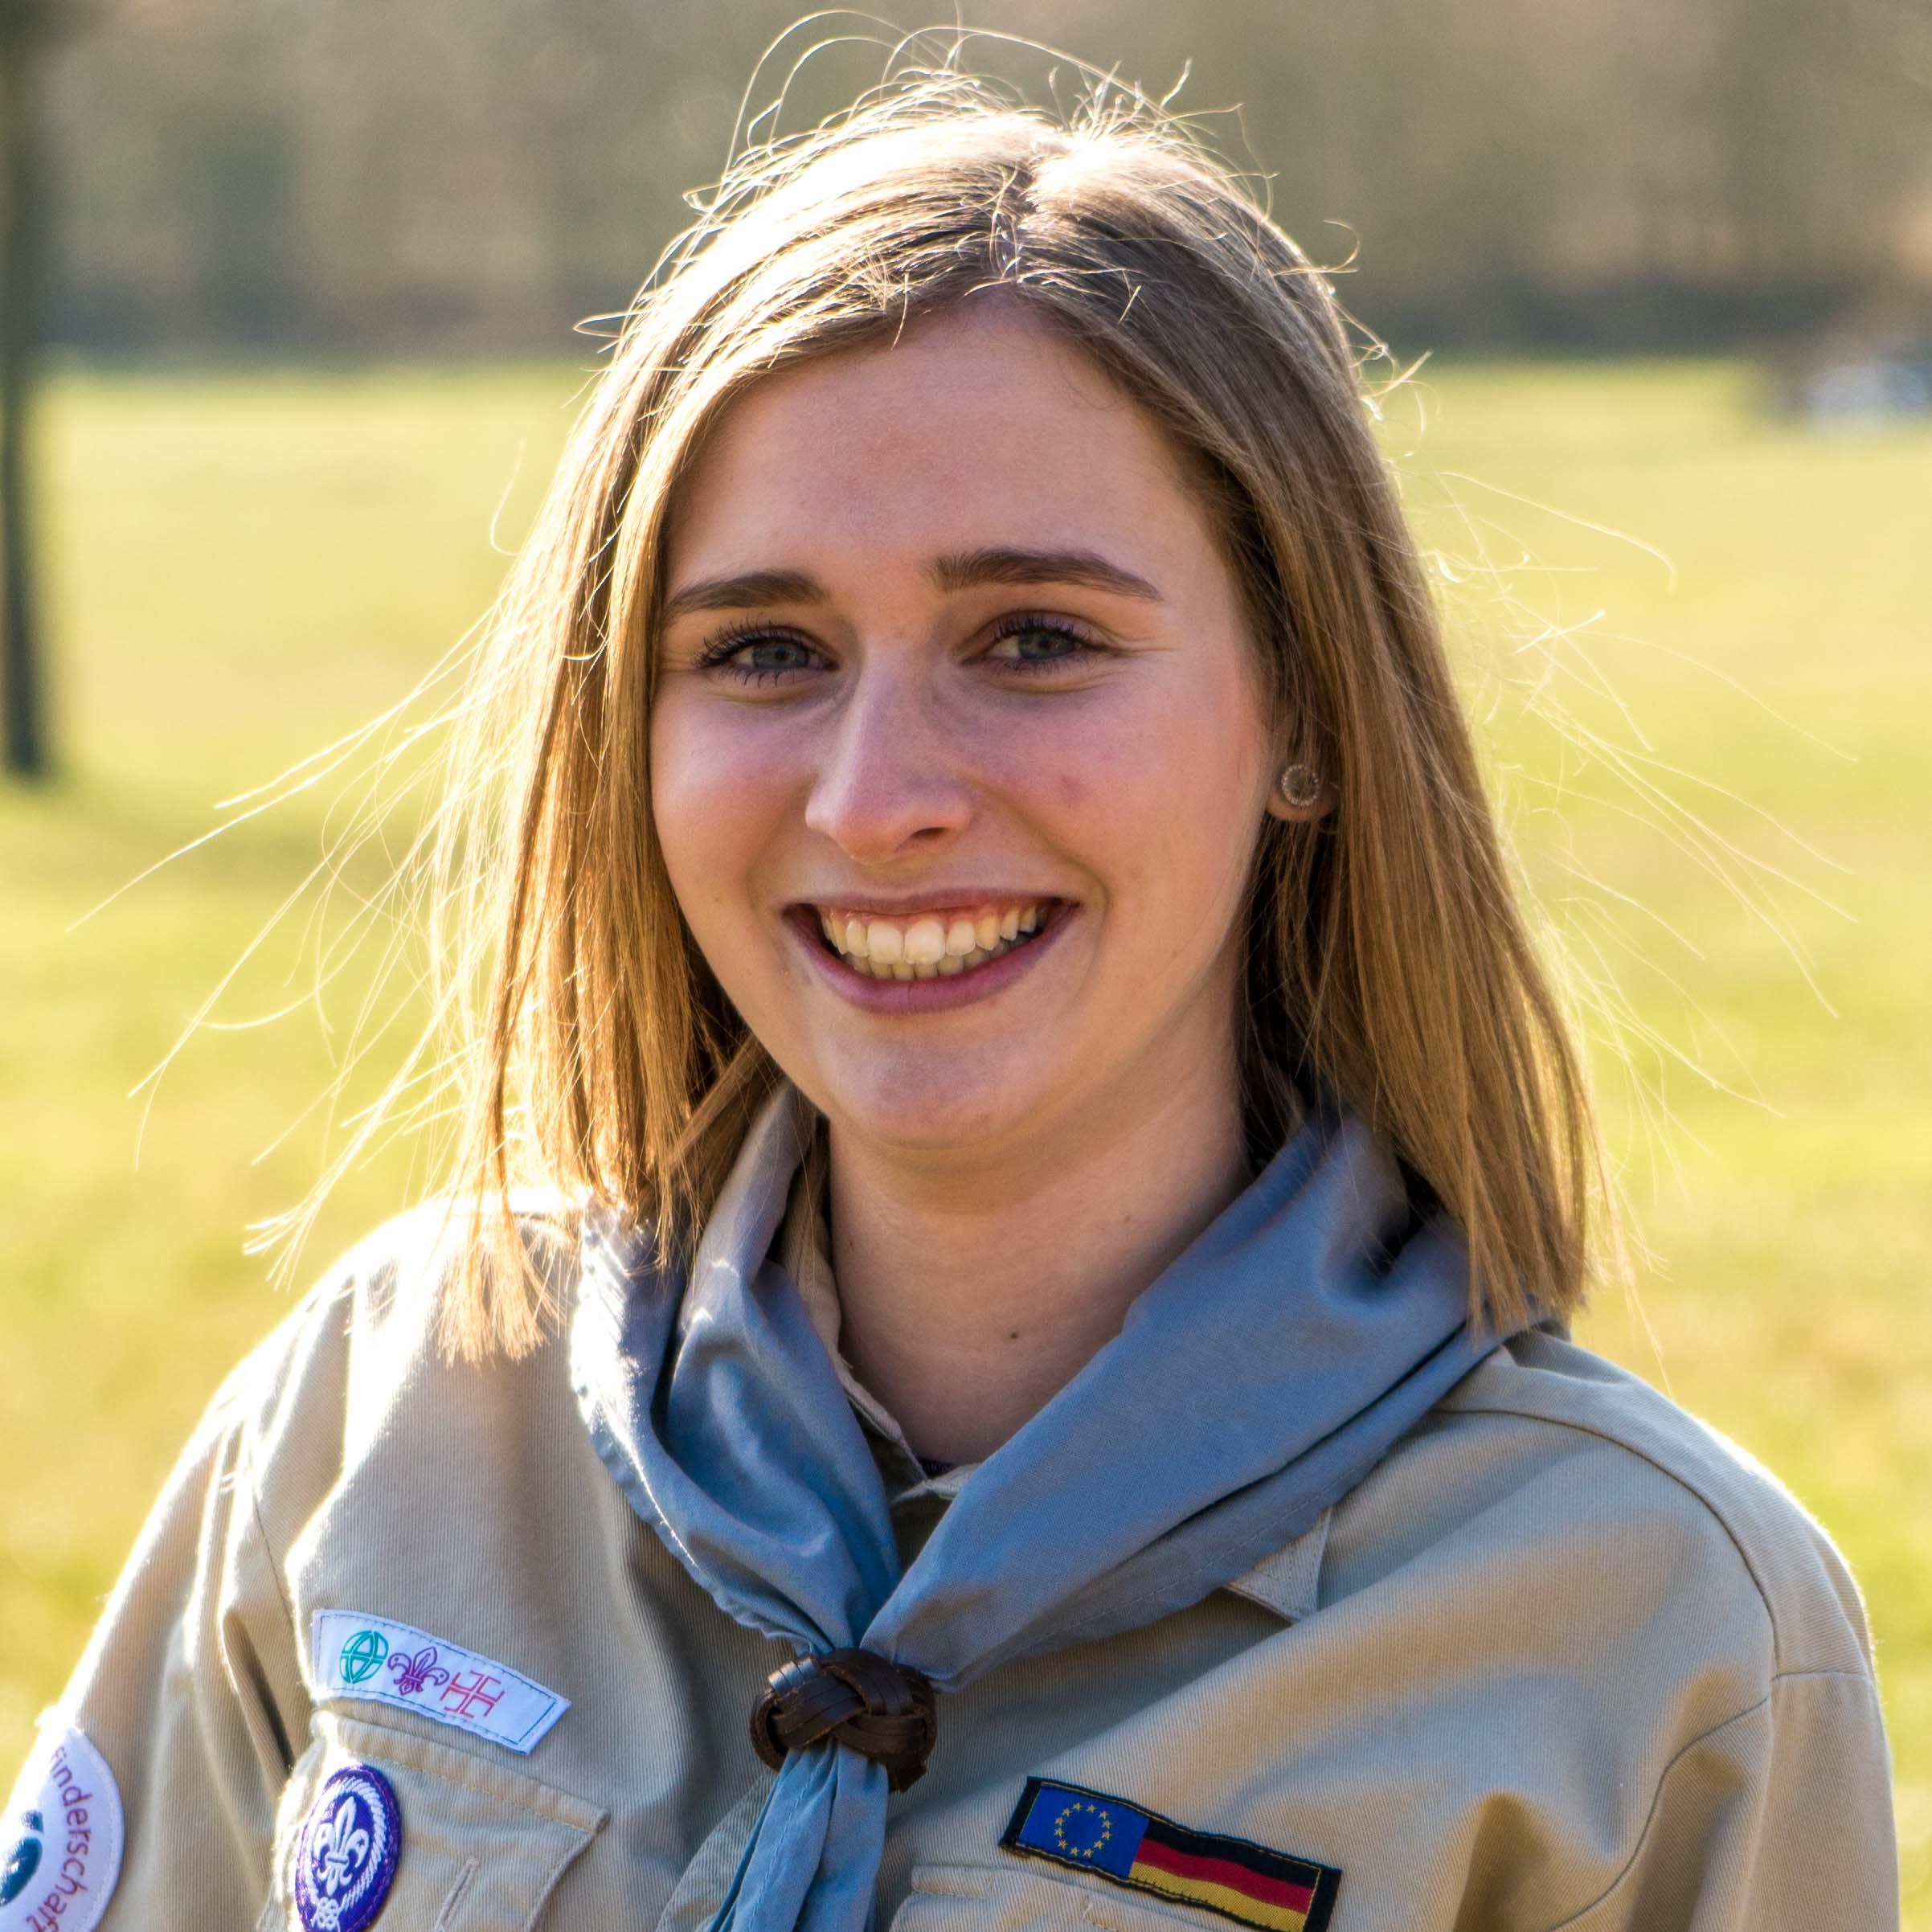 Hannah Dierdorf